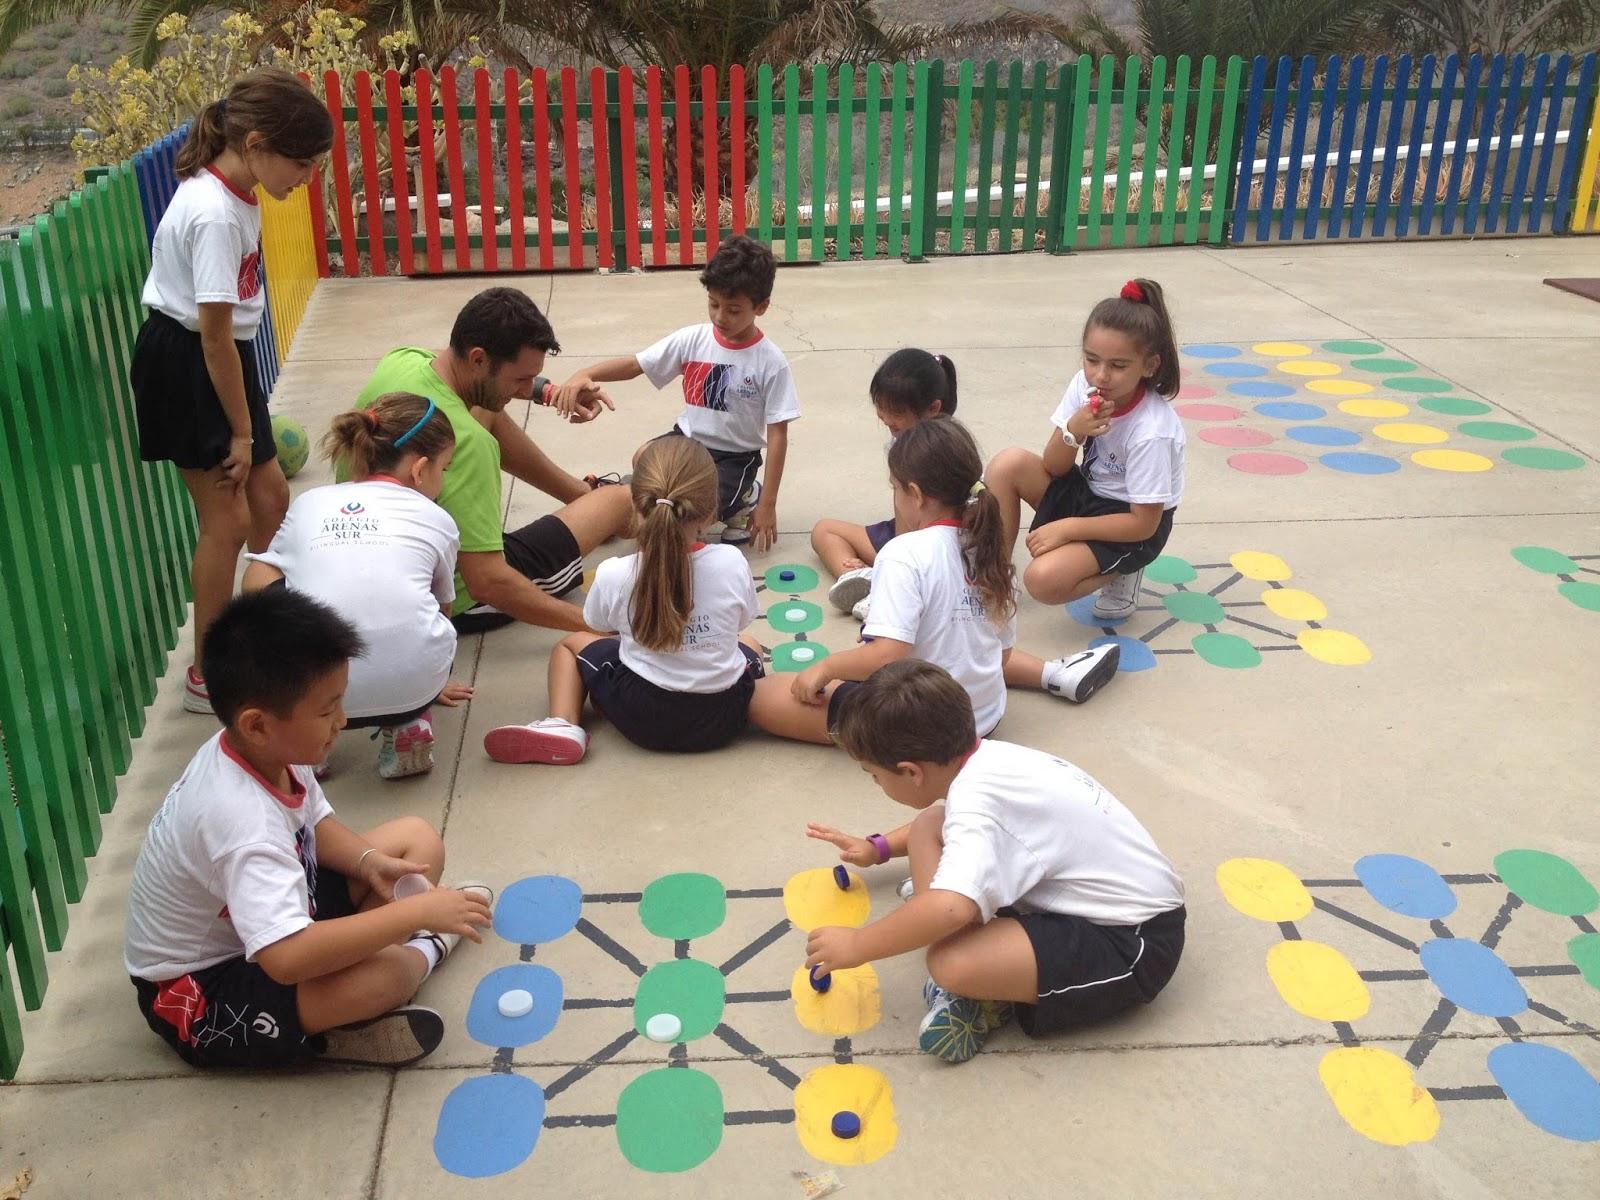 Trazos de colores dinamizaci n de patios juegos - Alfombras infantiles para jugar ...